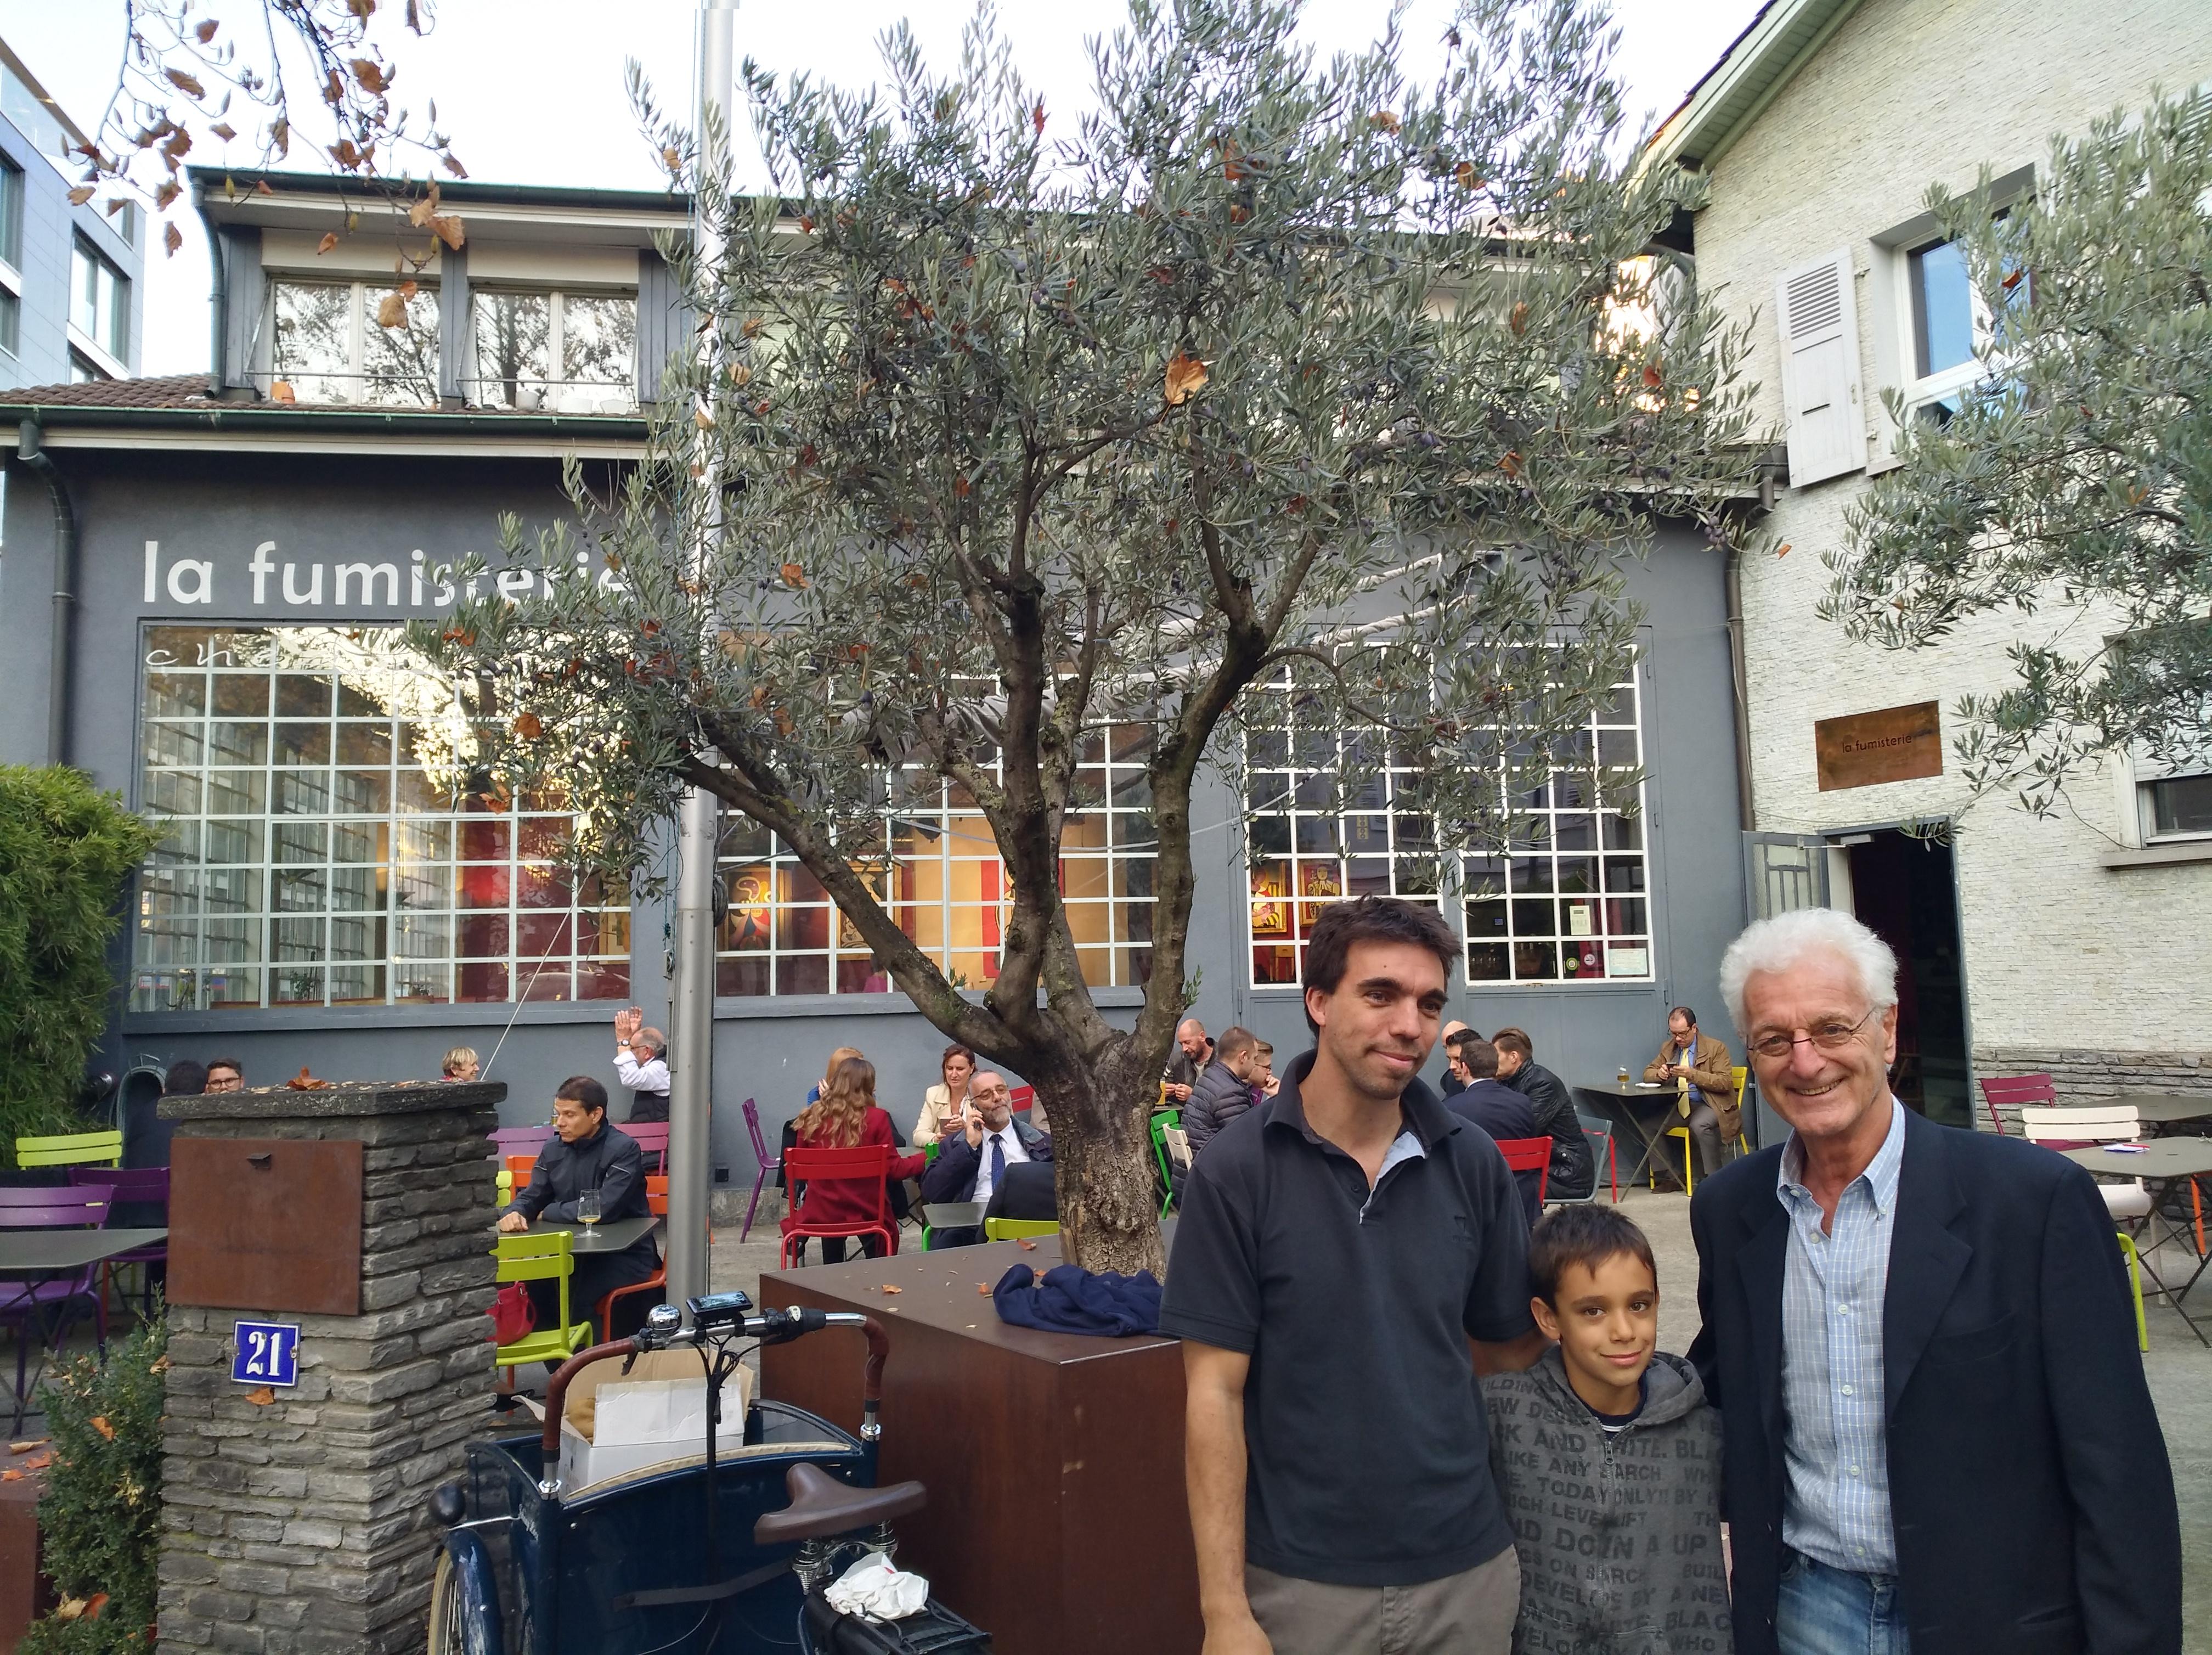 Jacques, Frédéric et Emilio, fils, petit-fils et arrière-petit-fils d'Umberto Mino-Matot qui acheta le bâtiment devenu le restaurant « La Fumisterie »  ©Gabrielle Mino